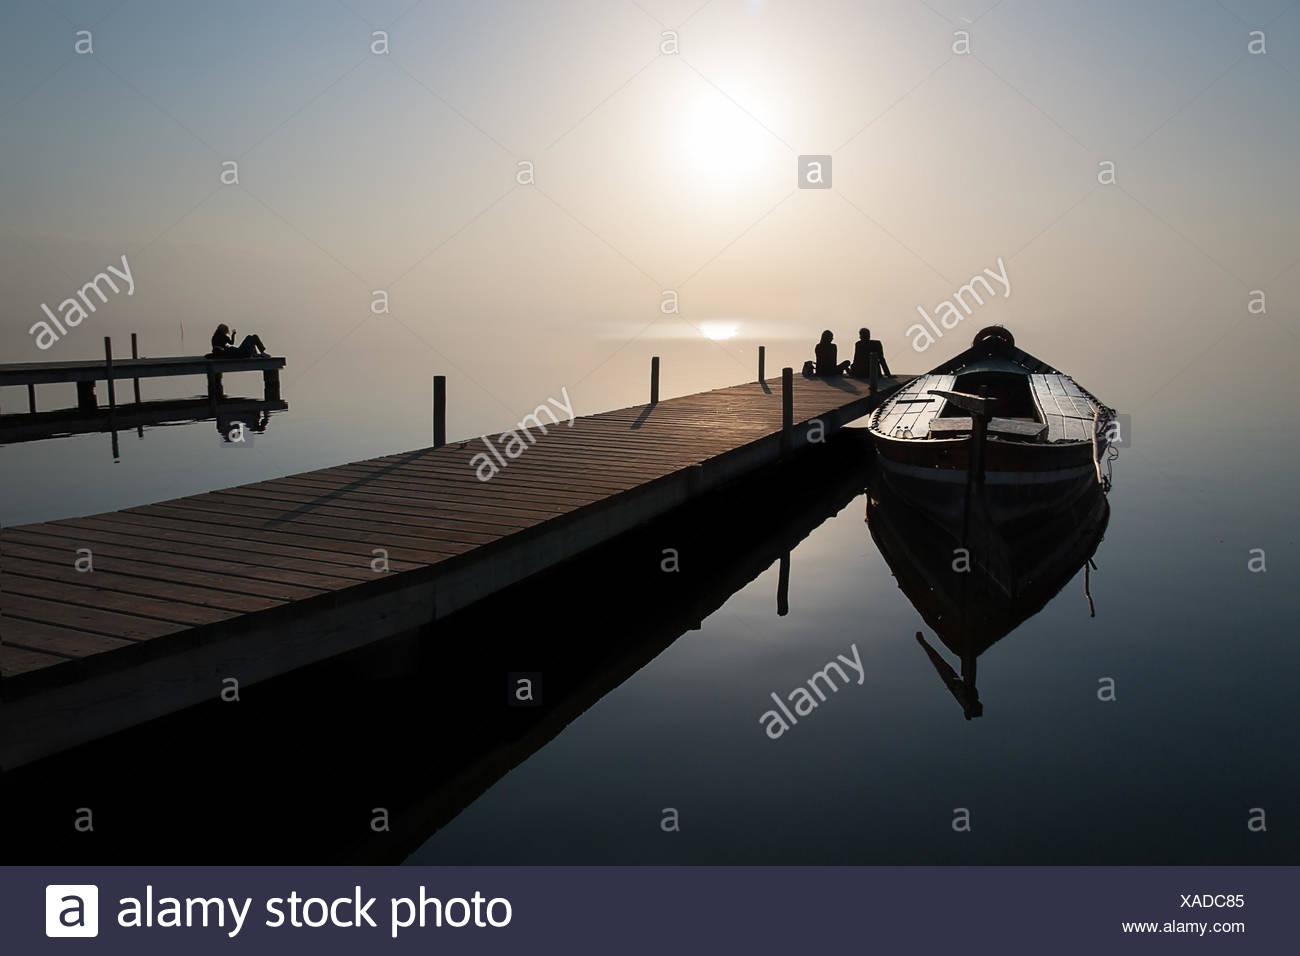 Silhouette der paar sitzt am Ende der Steg mit dem Boot vor Anker Stockbild